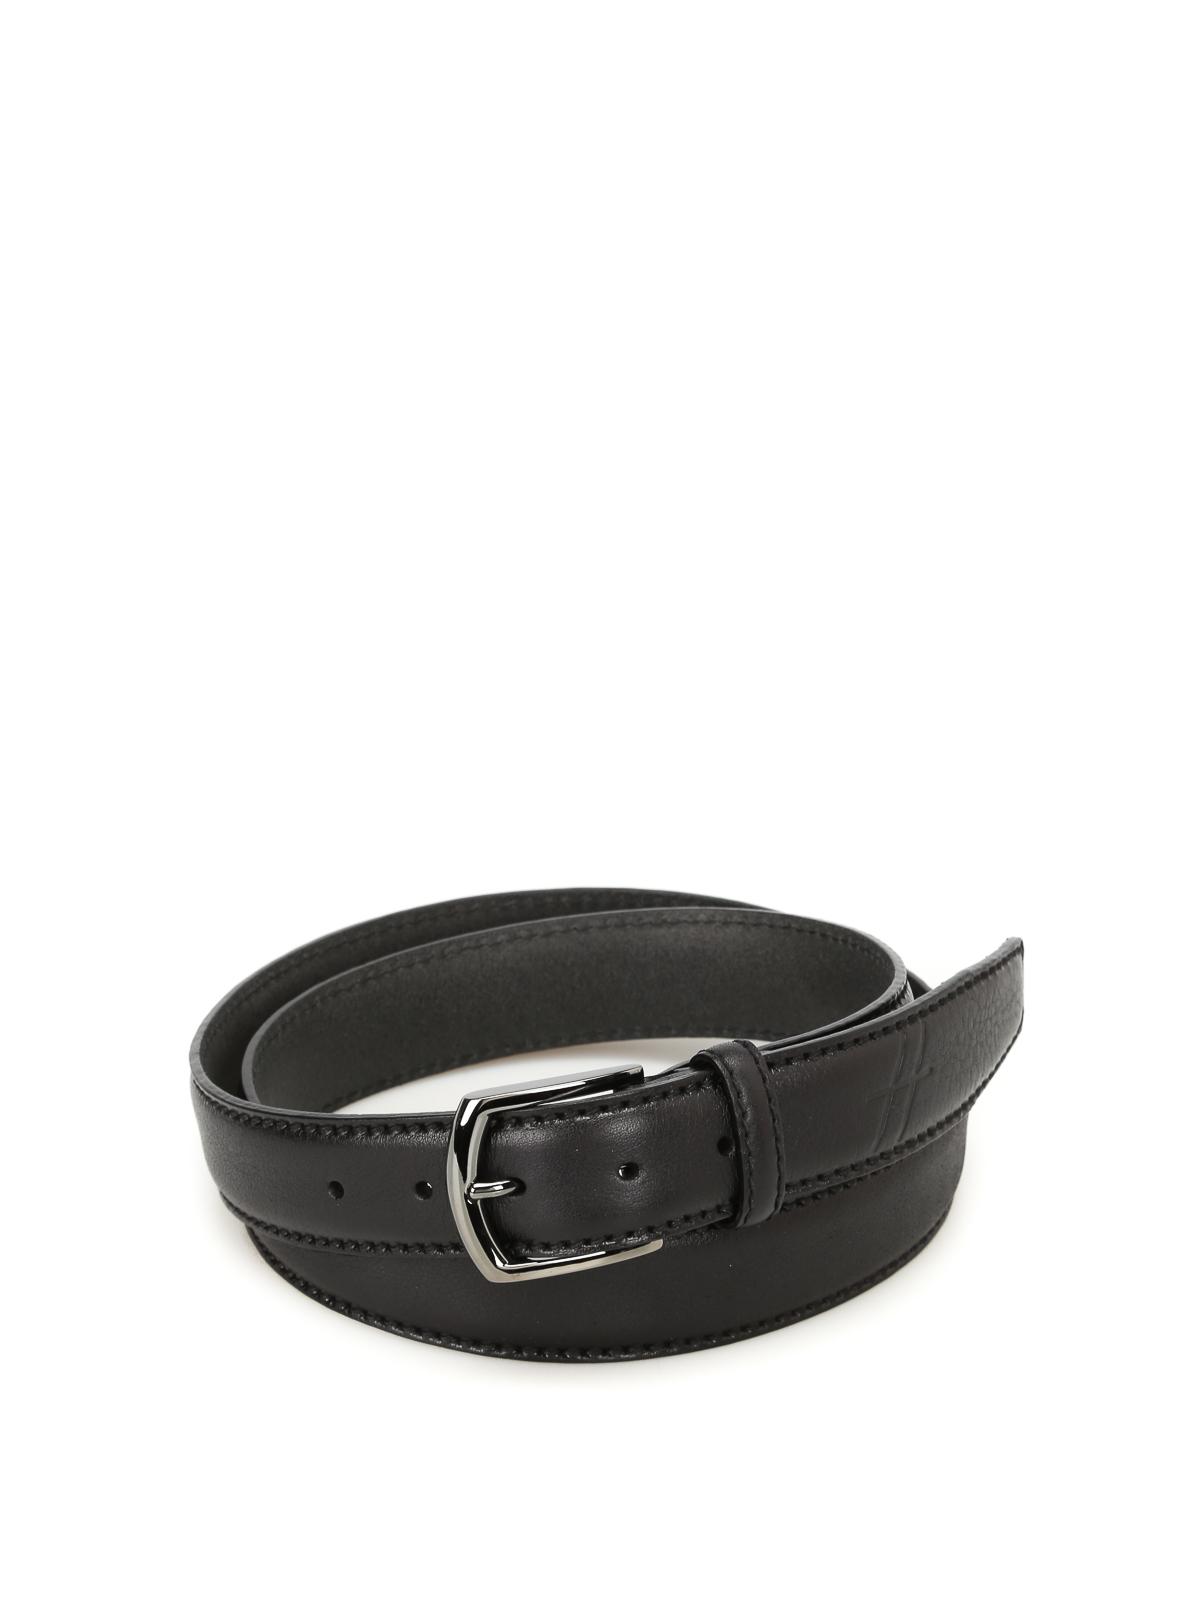 cintura hogan nera